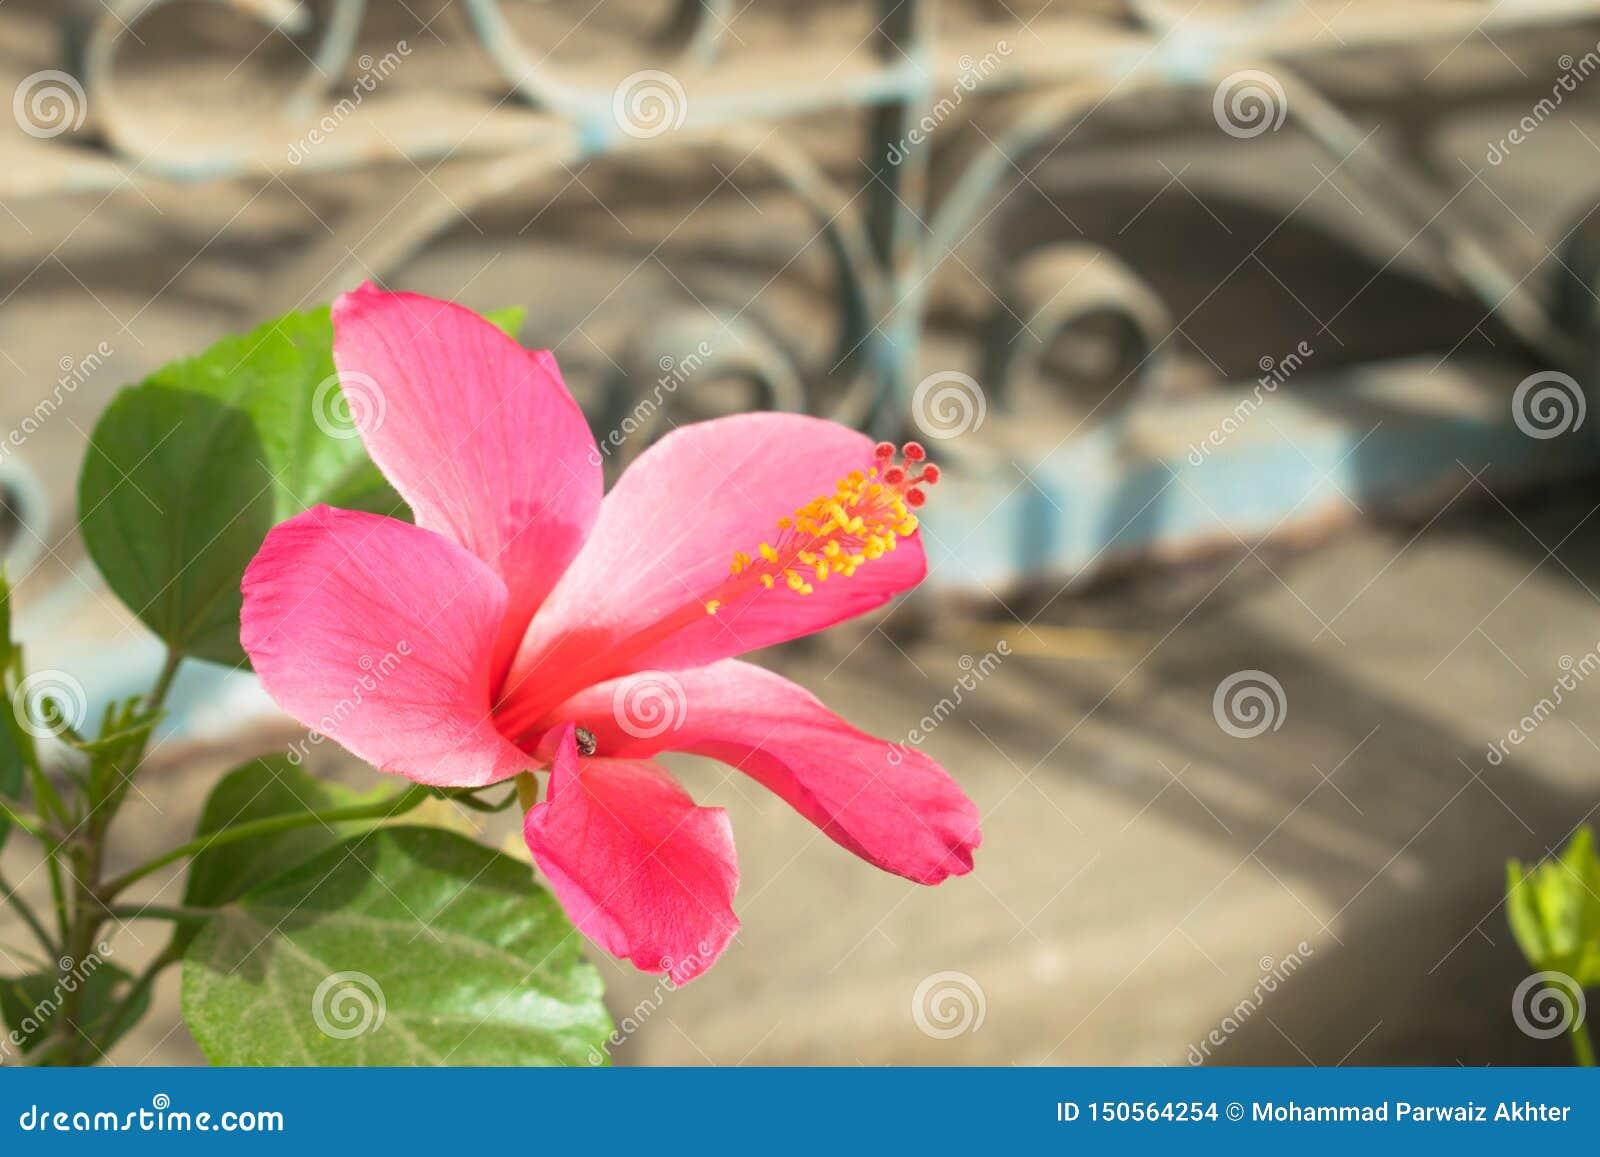 Härlig röd hibiskusblomma i en trädgård